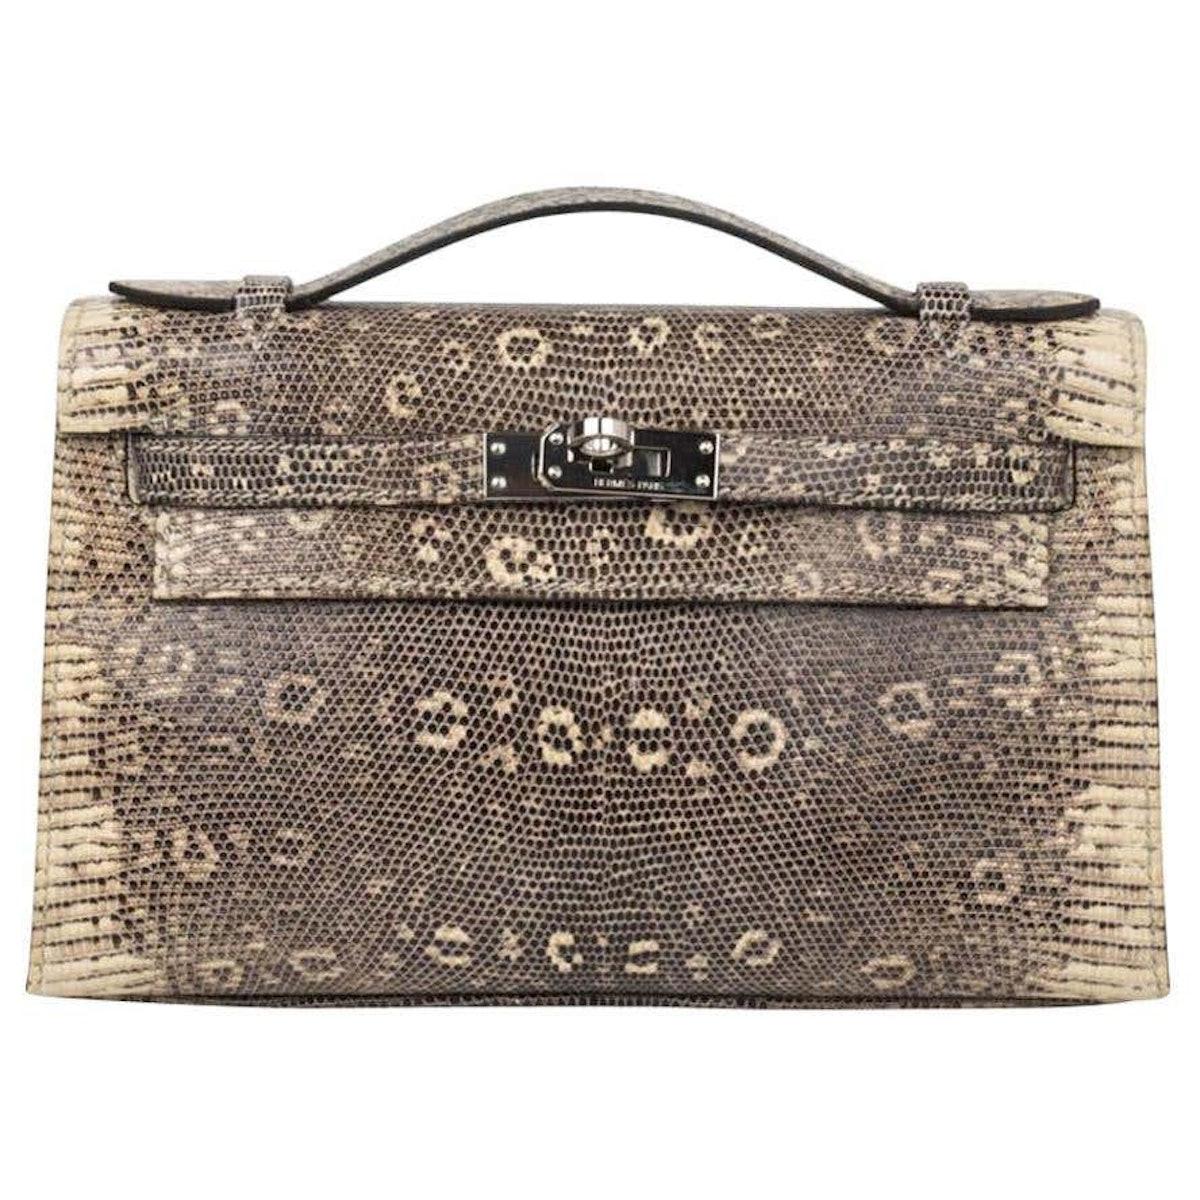 Kelly Pochette Bag Ombre Lizard Clutch